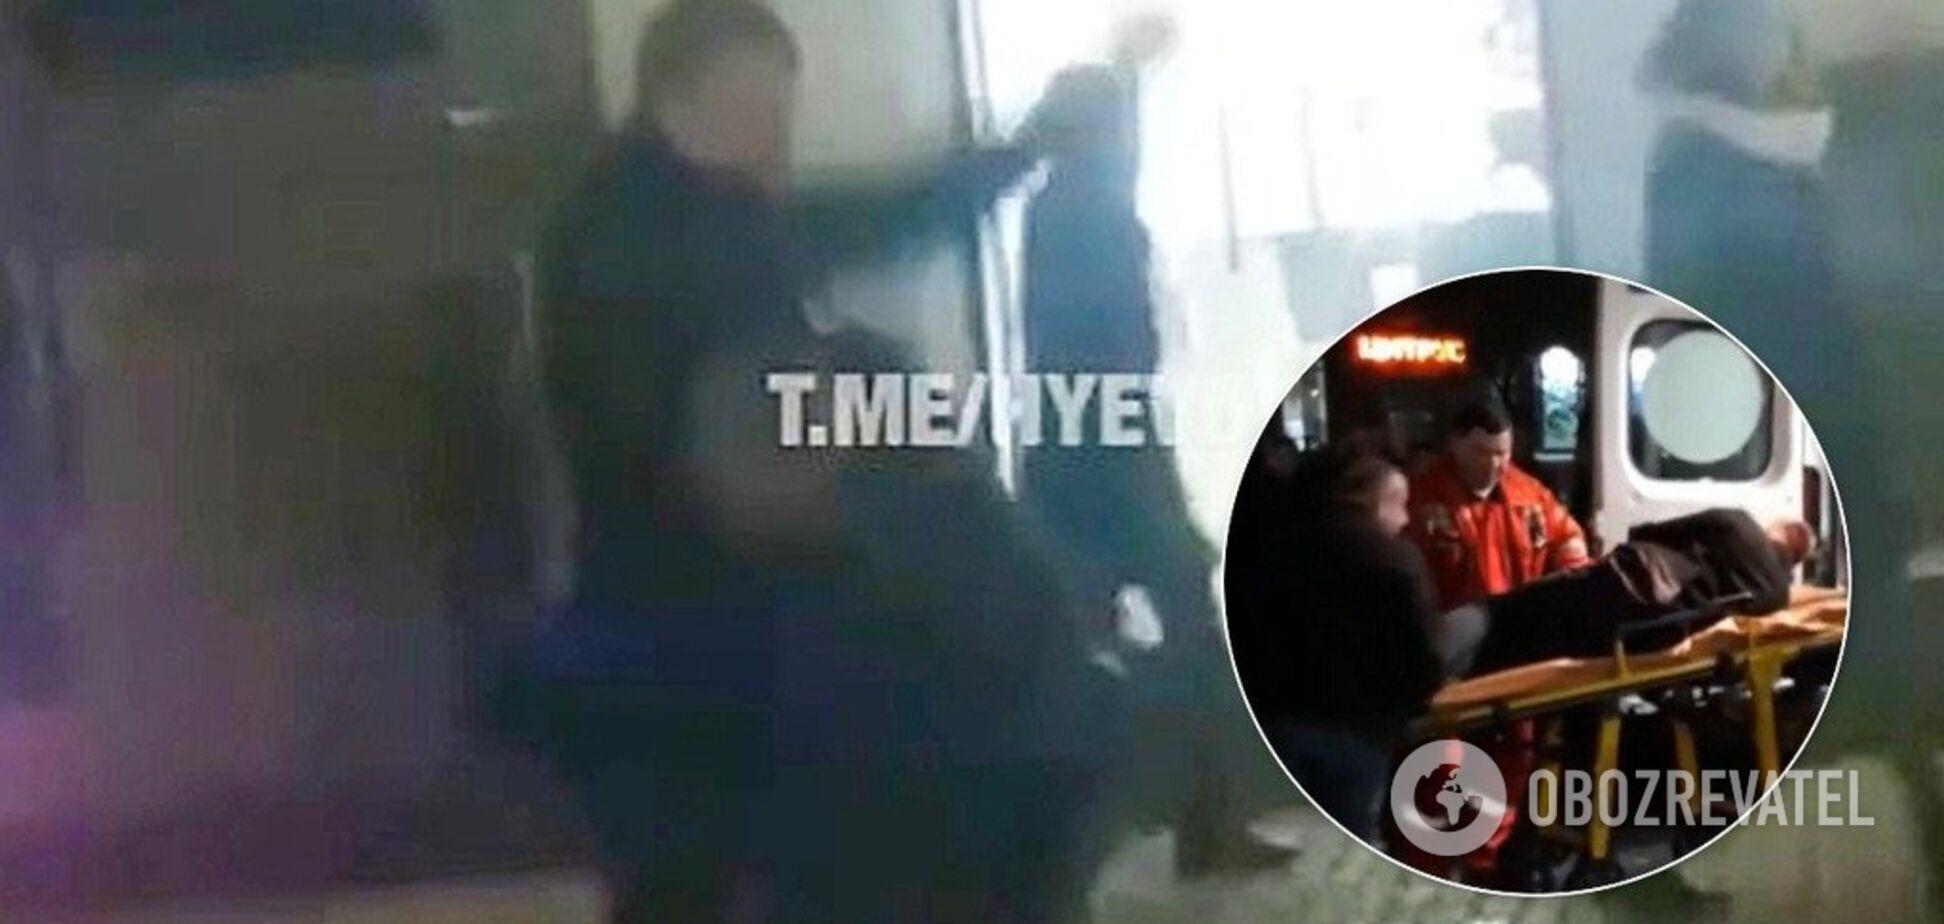 Повалил на землю и бил кулаками: в Днепре мужчины устроили публичную драку. Фото и видео